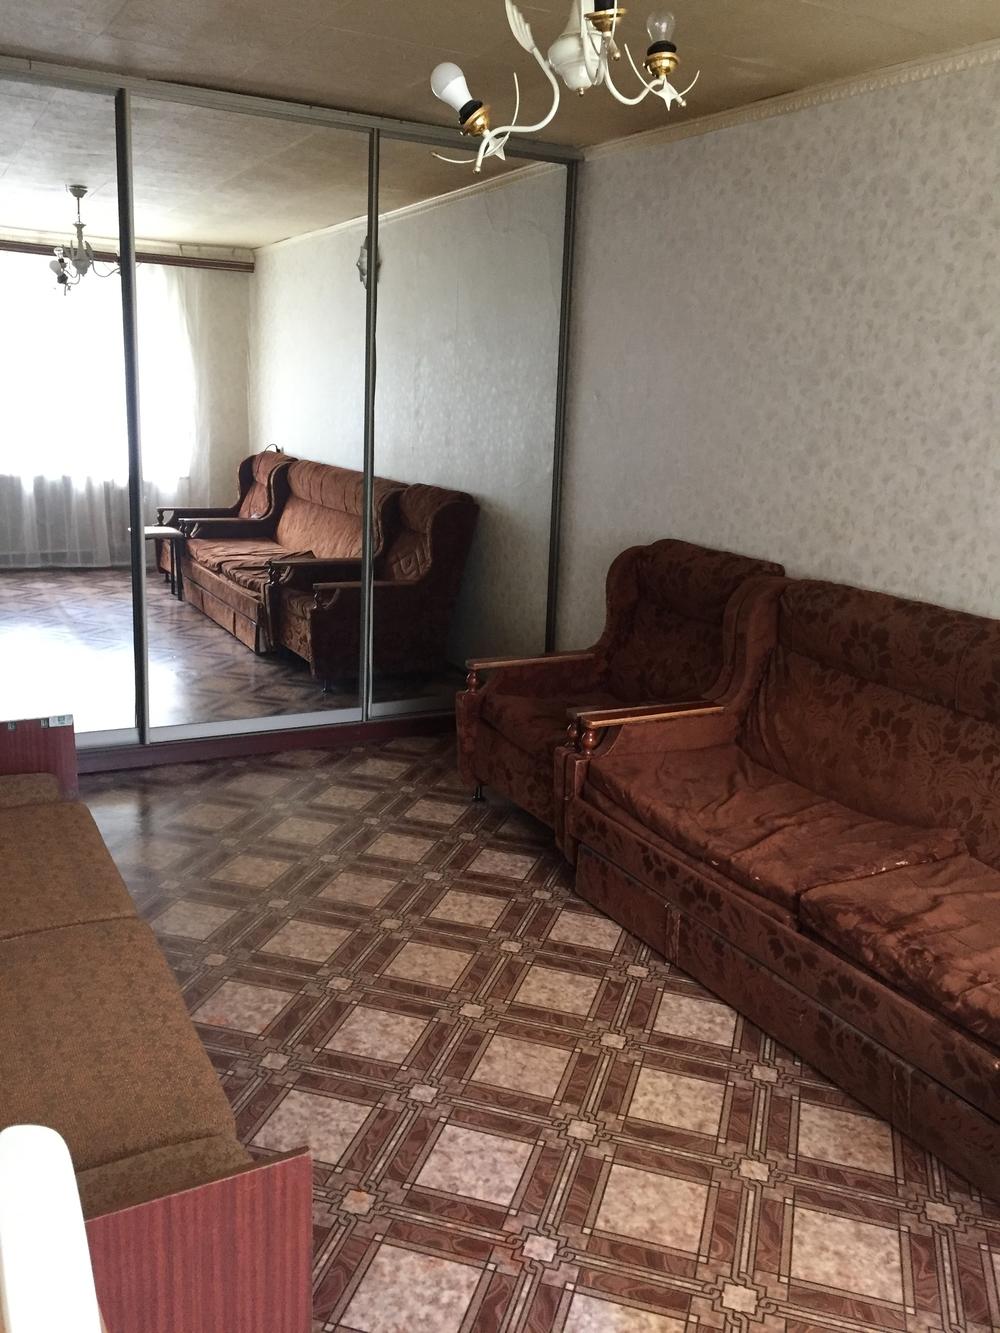 Сдам 1-комнатную квартиру в городе Саратов, на улице Станционная, 9, 2-этаж 5-этажного Кирпич дома, площадь: 35/0/0 м2